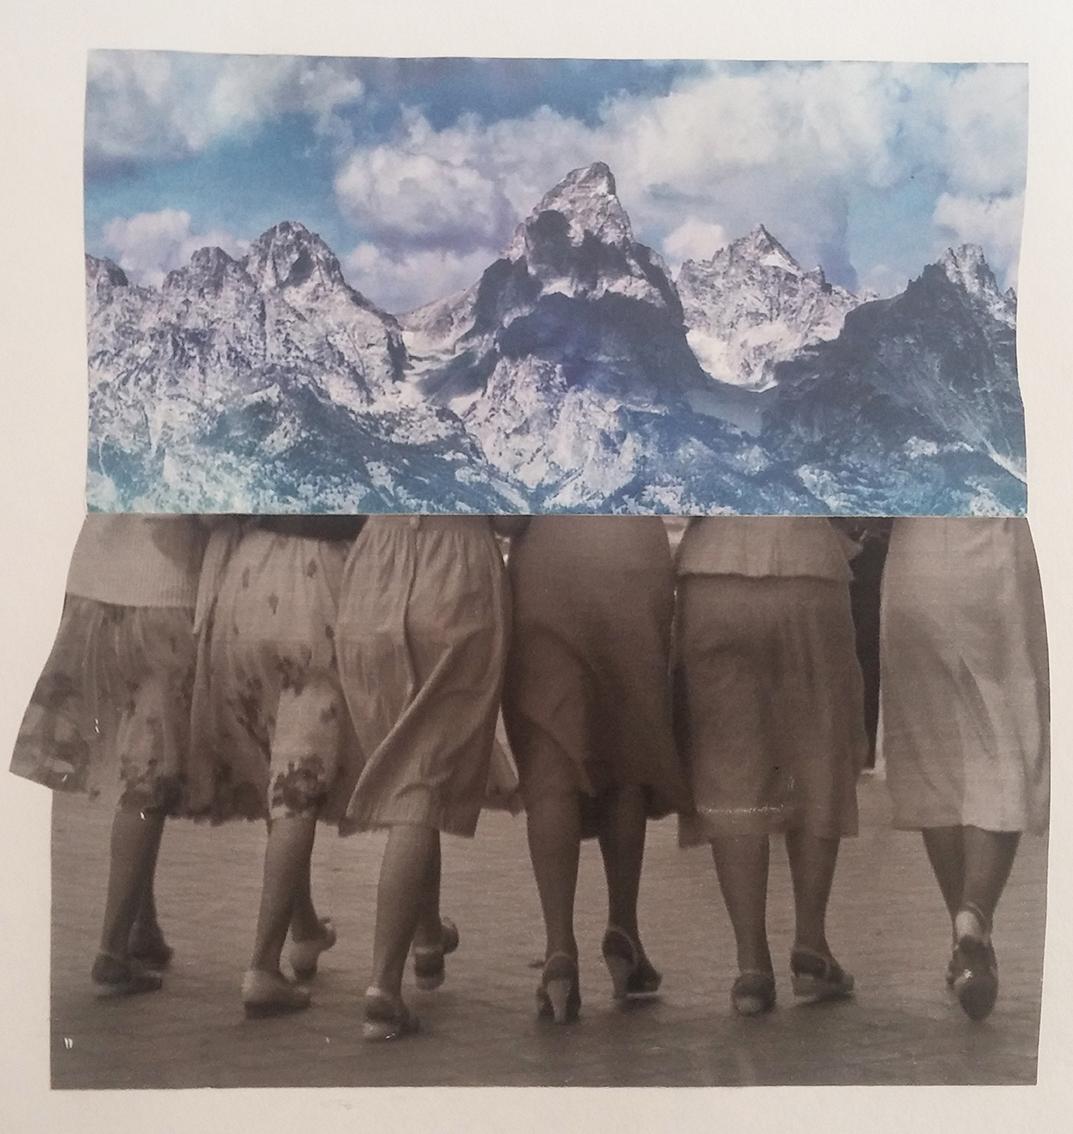 Las_faldas_de_la_montaña